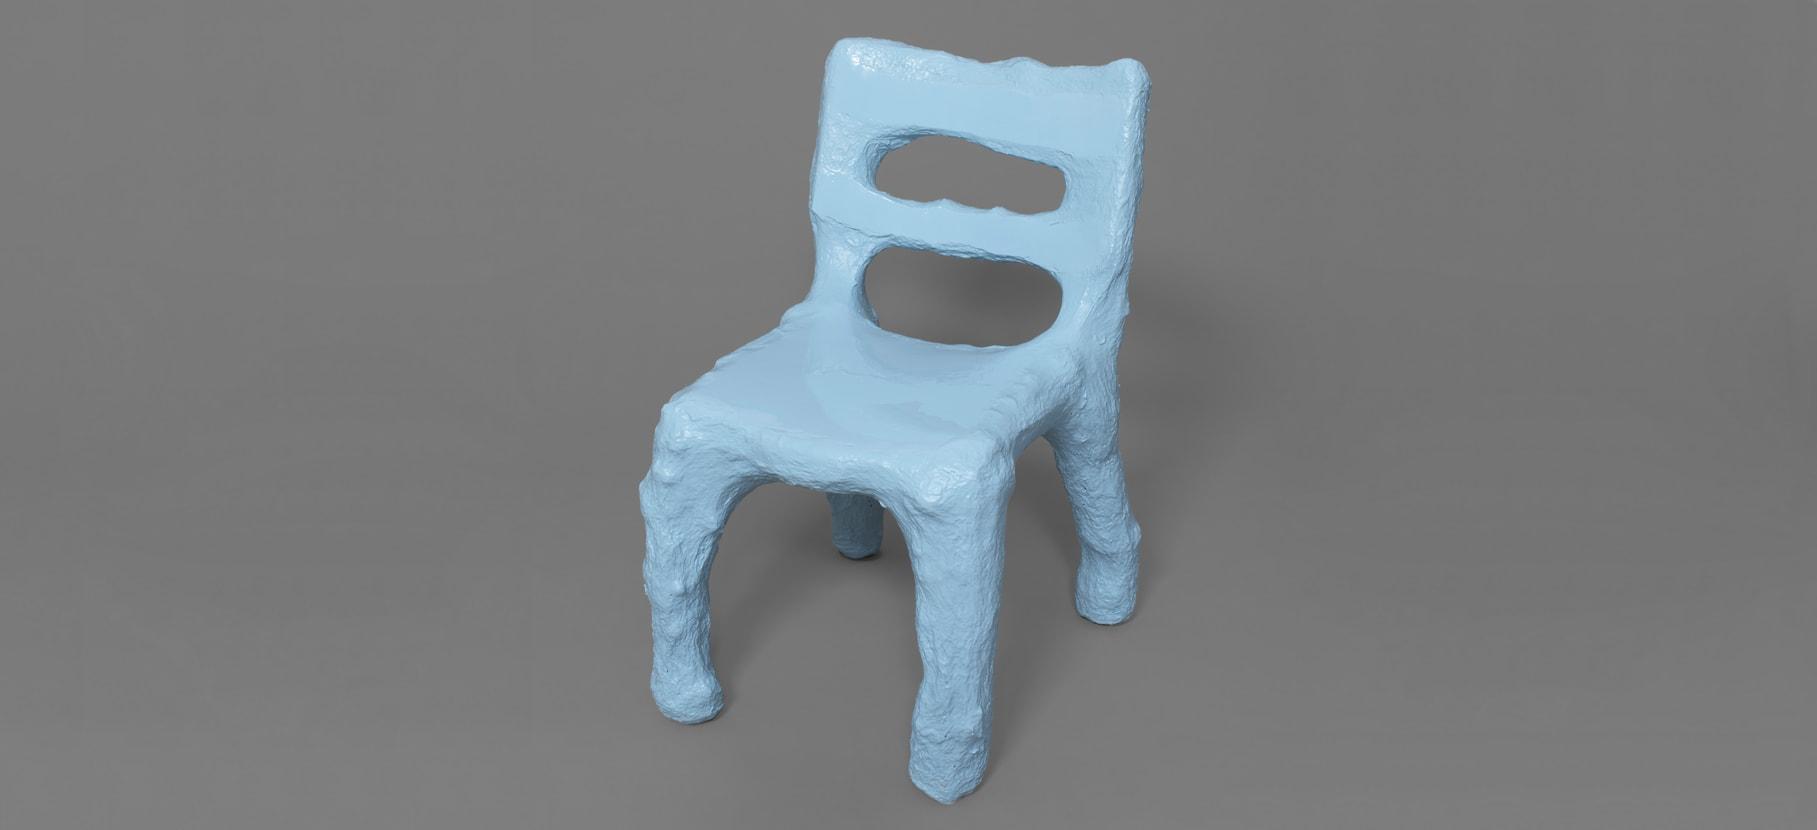 Reversed_Chair_1